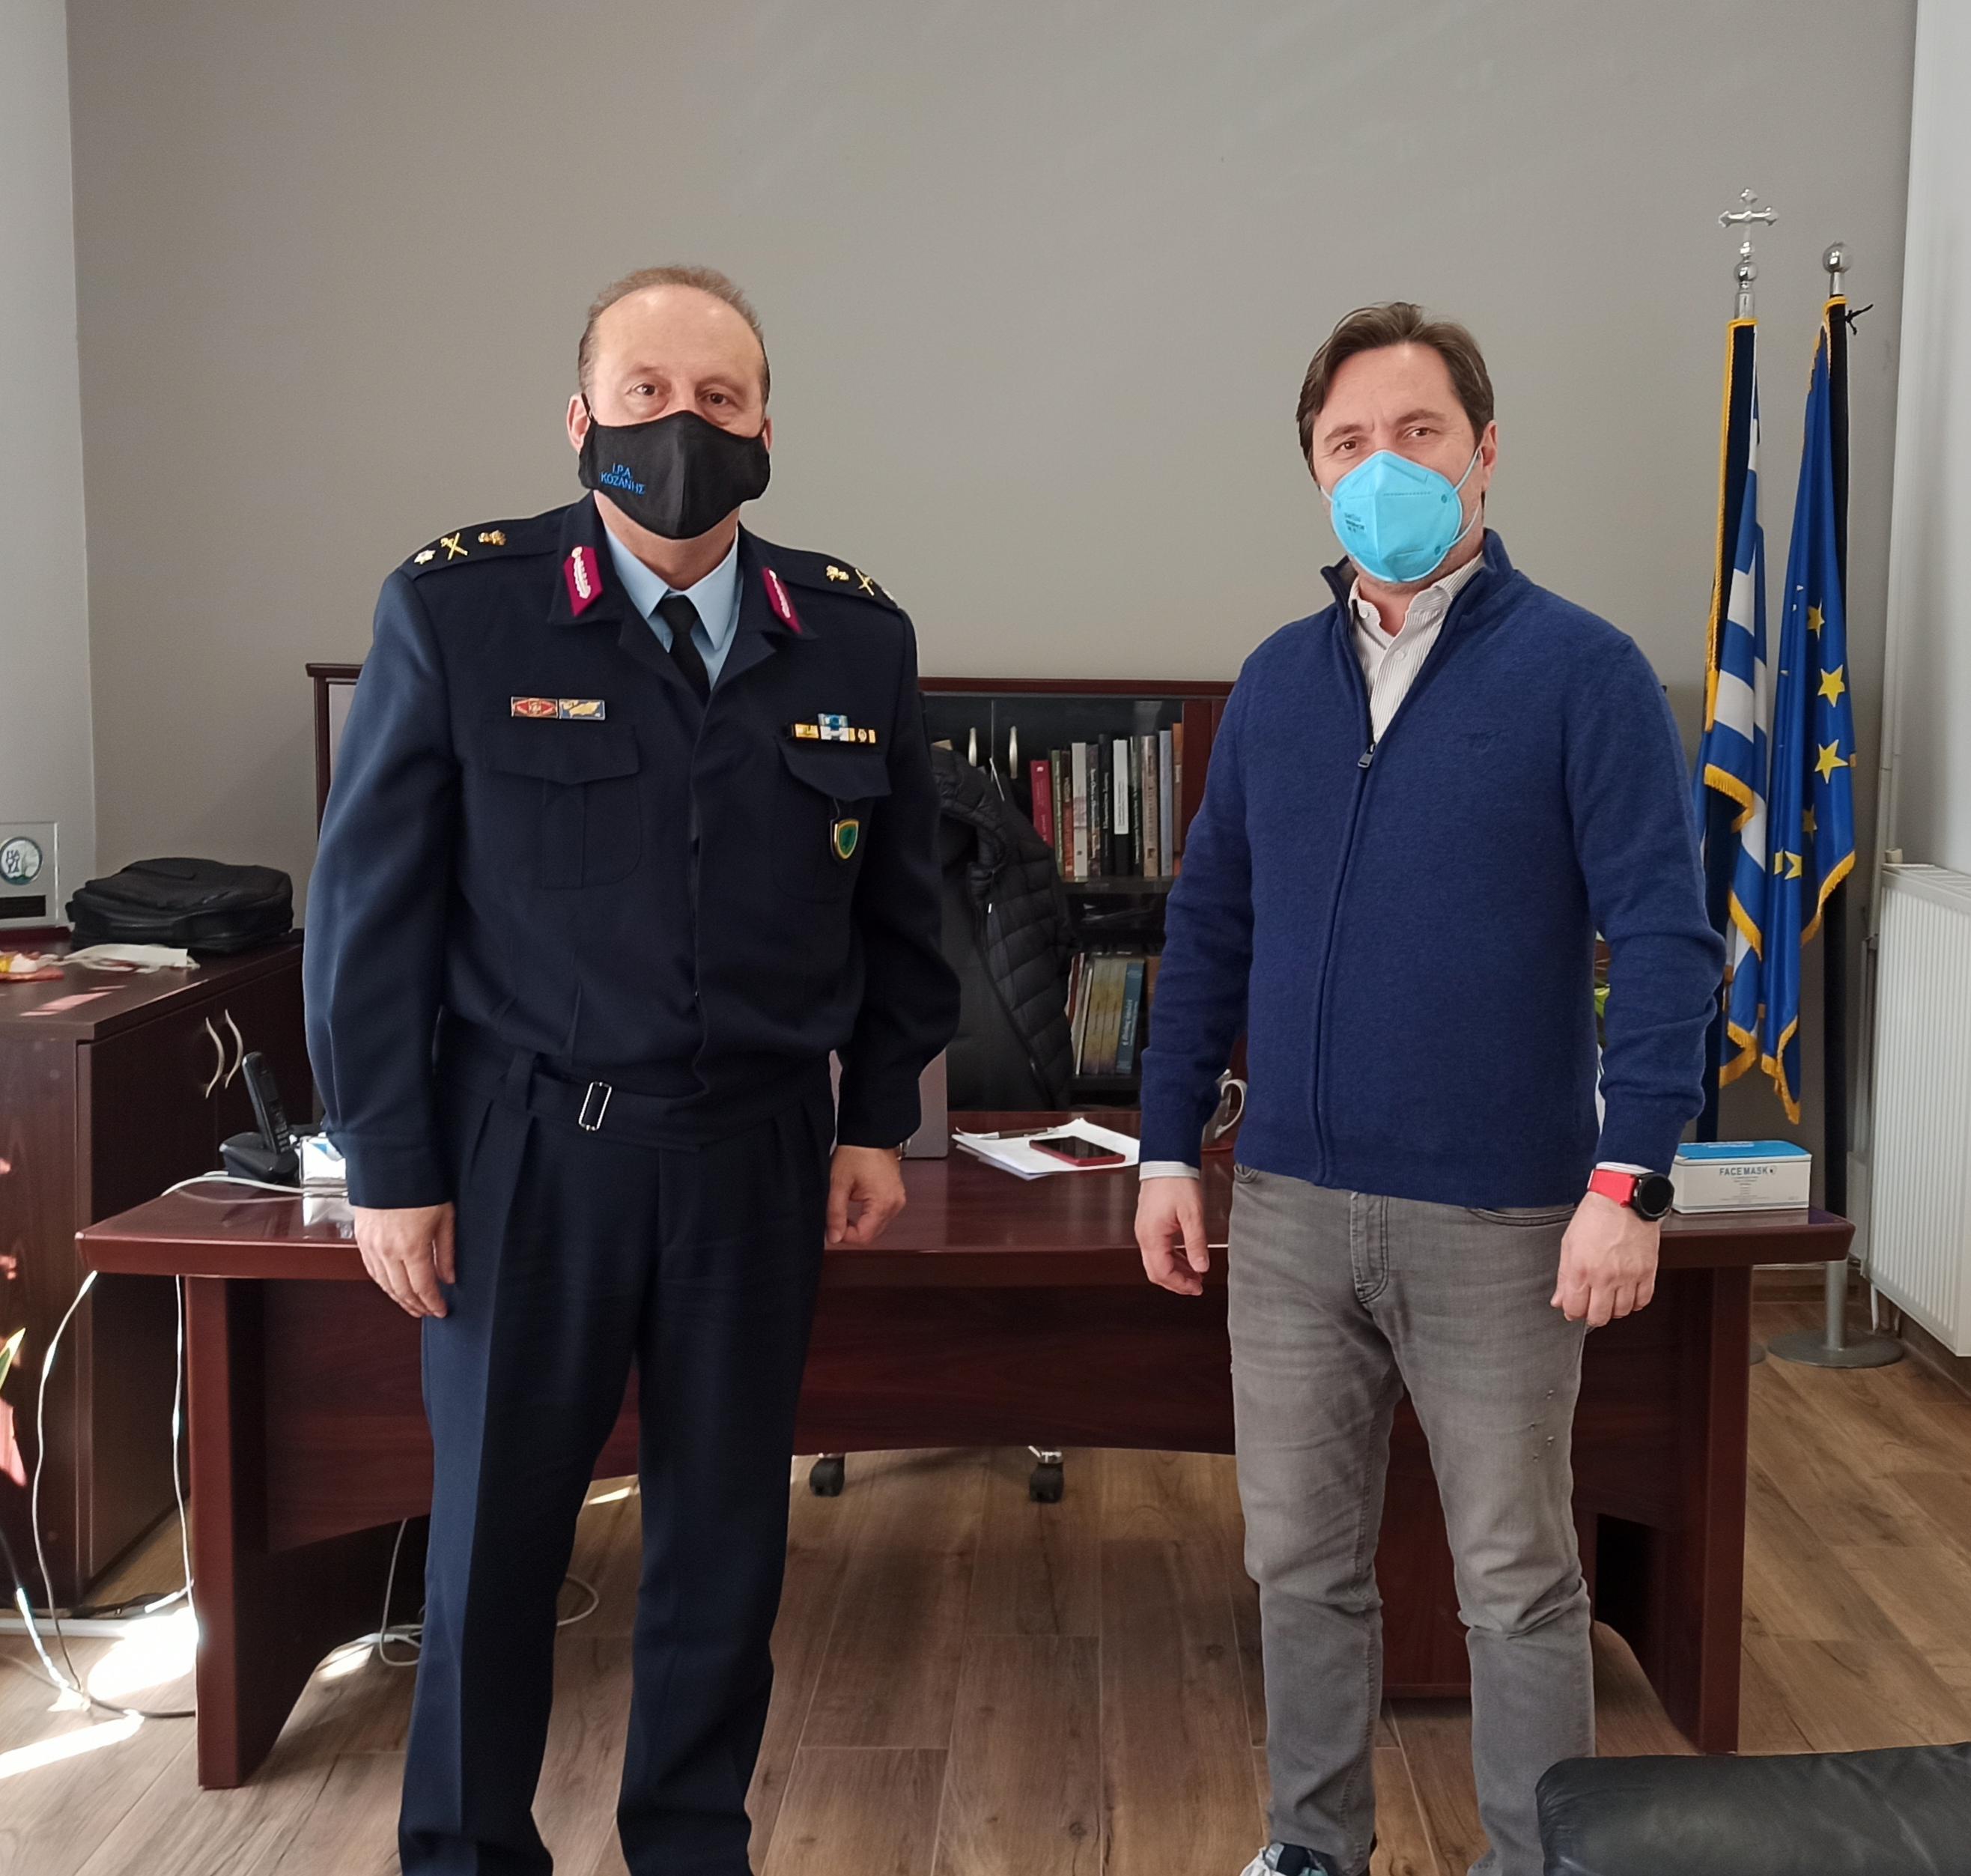 Συνάντηση Δημάρχου Νάουσας με τον νέο Αστυνομική Διευθυντή Ημαθίας Ταξίαρχο κ. Γιώργο Αδαμίδη